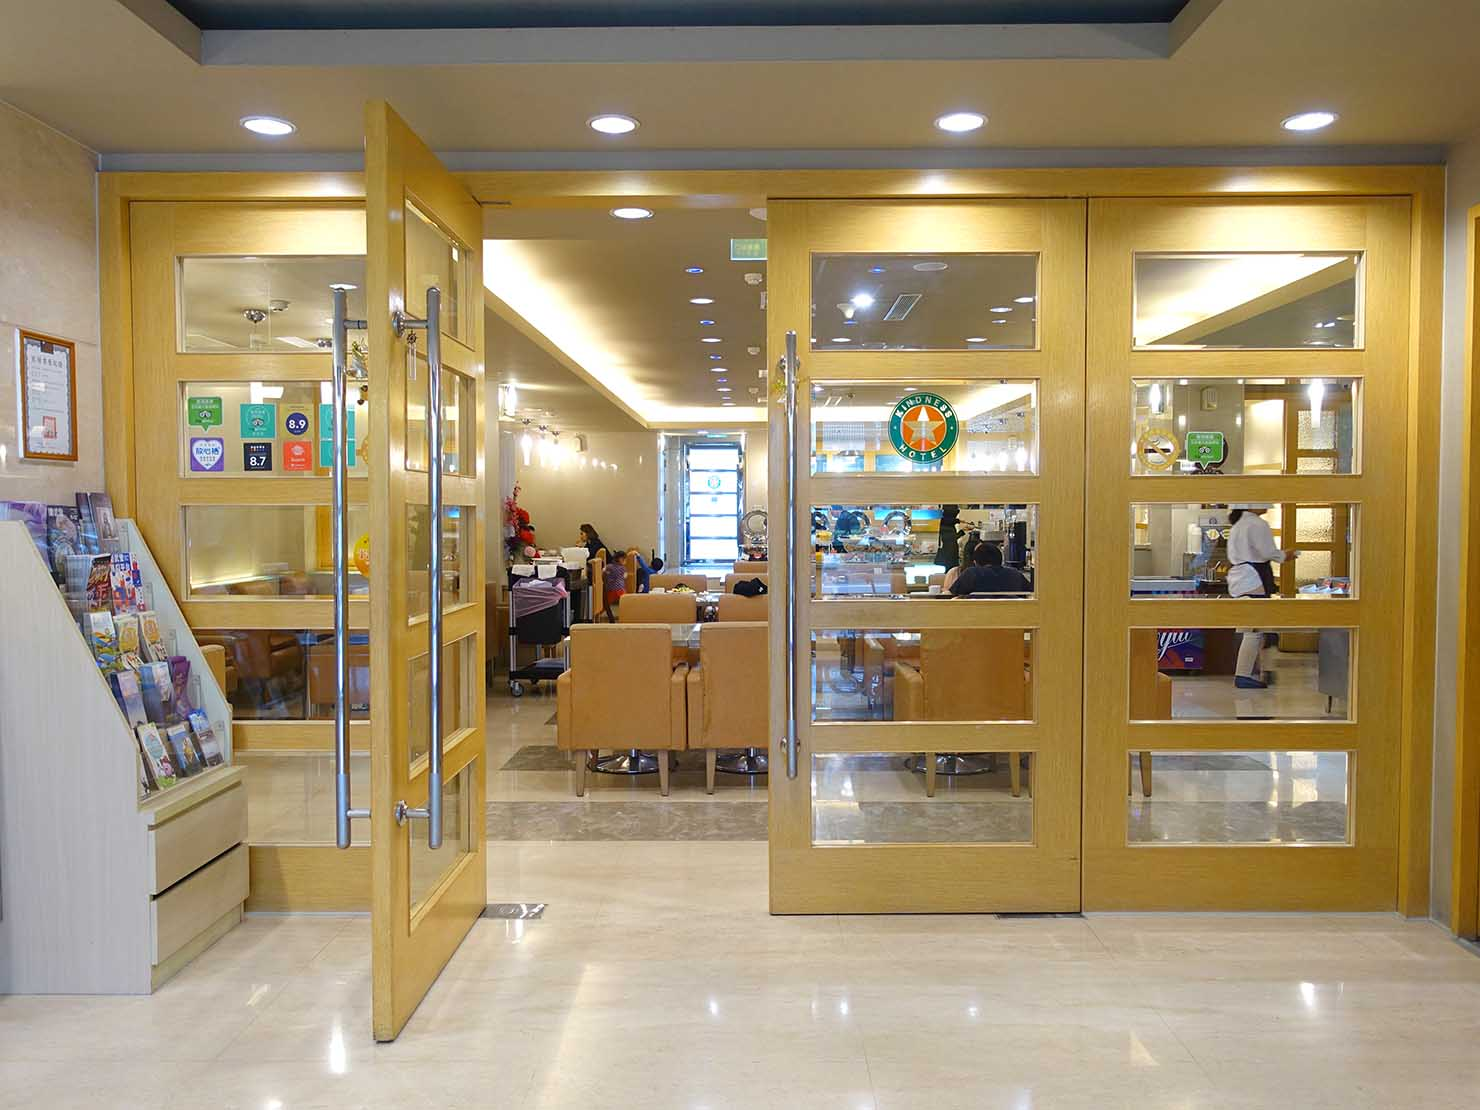 高雄のおすすめチェーンホテル「康橋商旅 Kindness Hotel(漢神館)」のロビー奥にあるカフェスペース